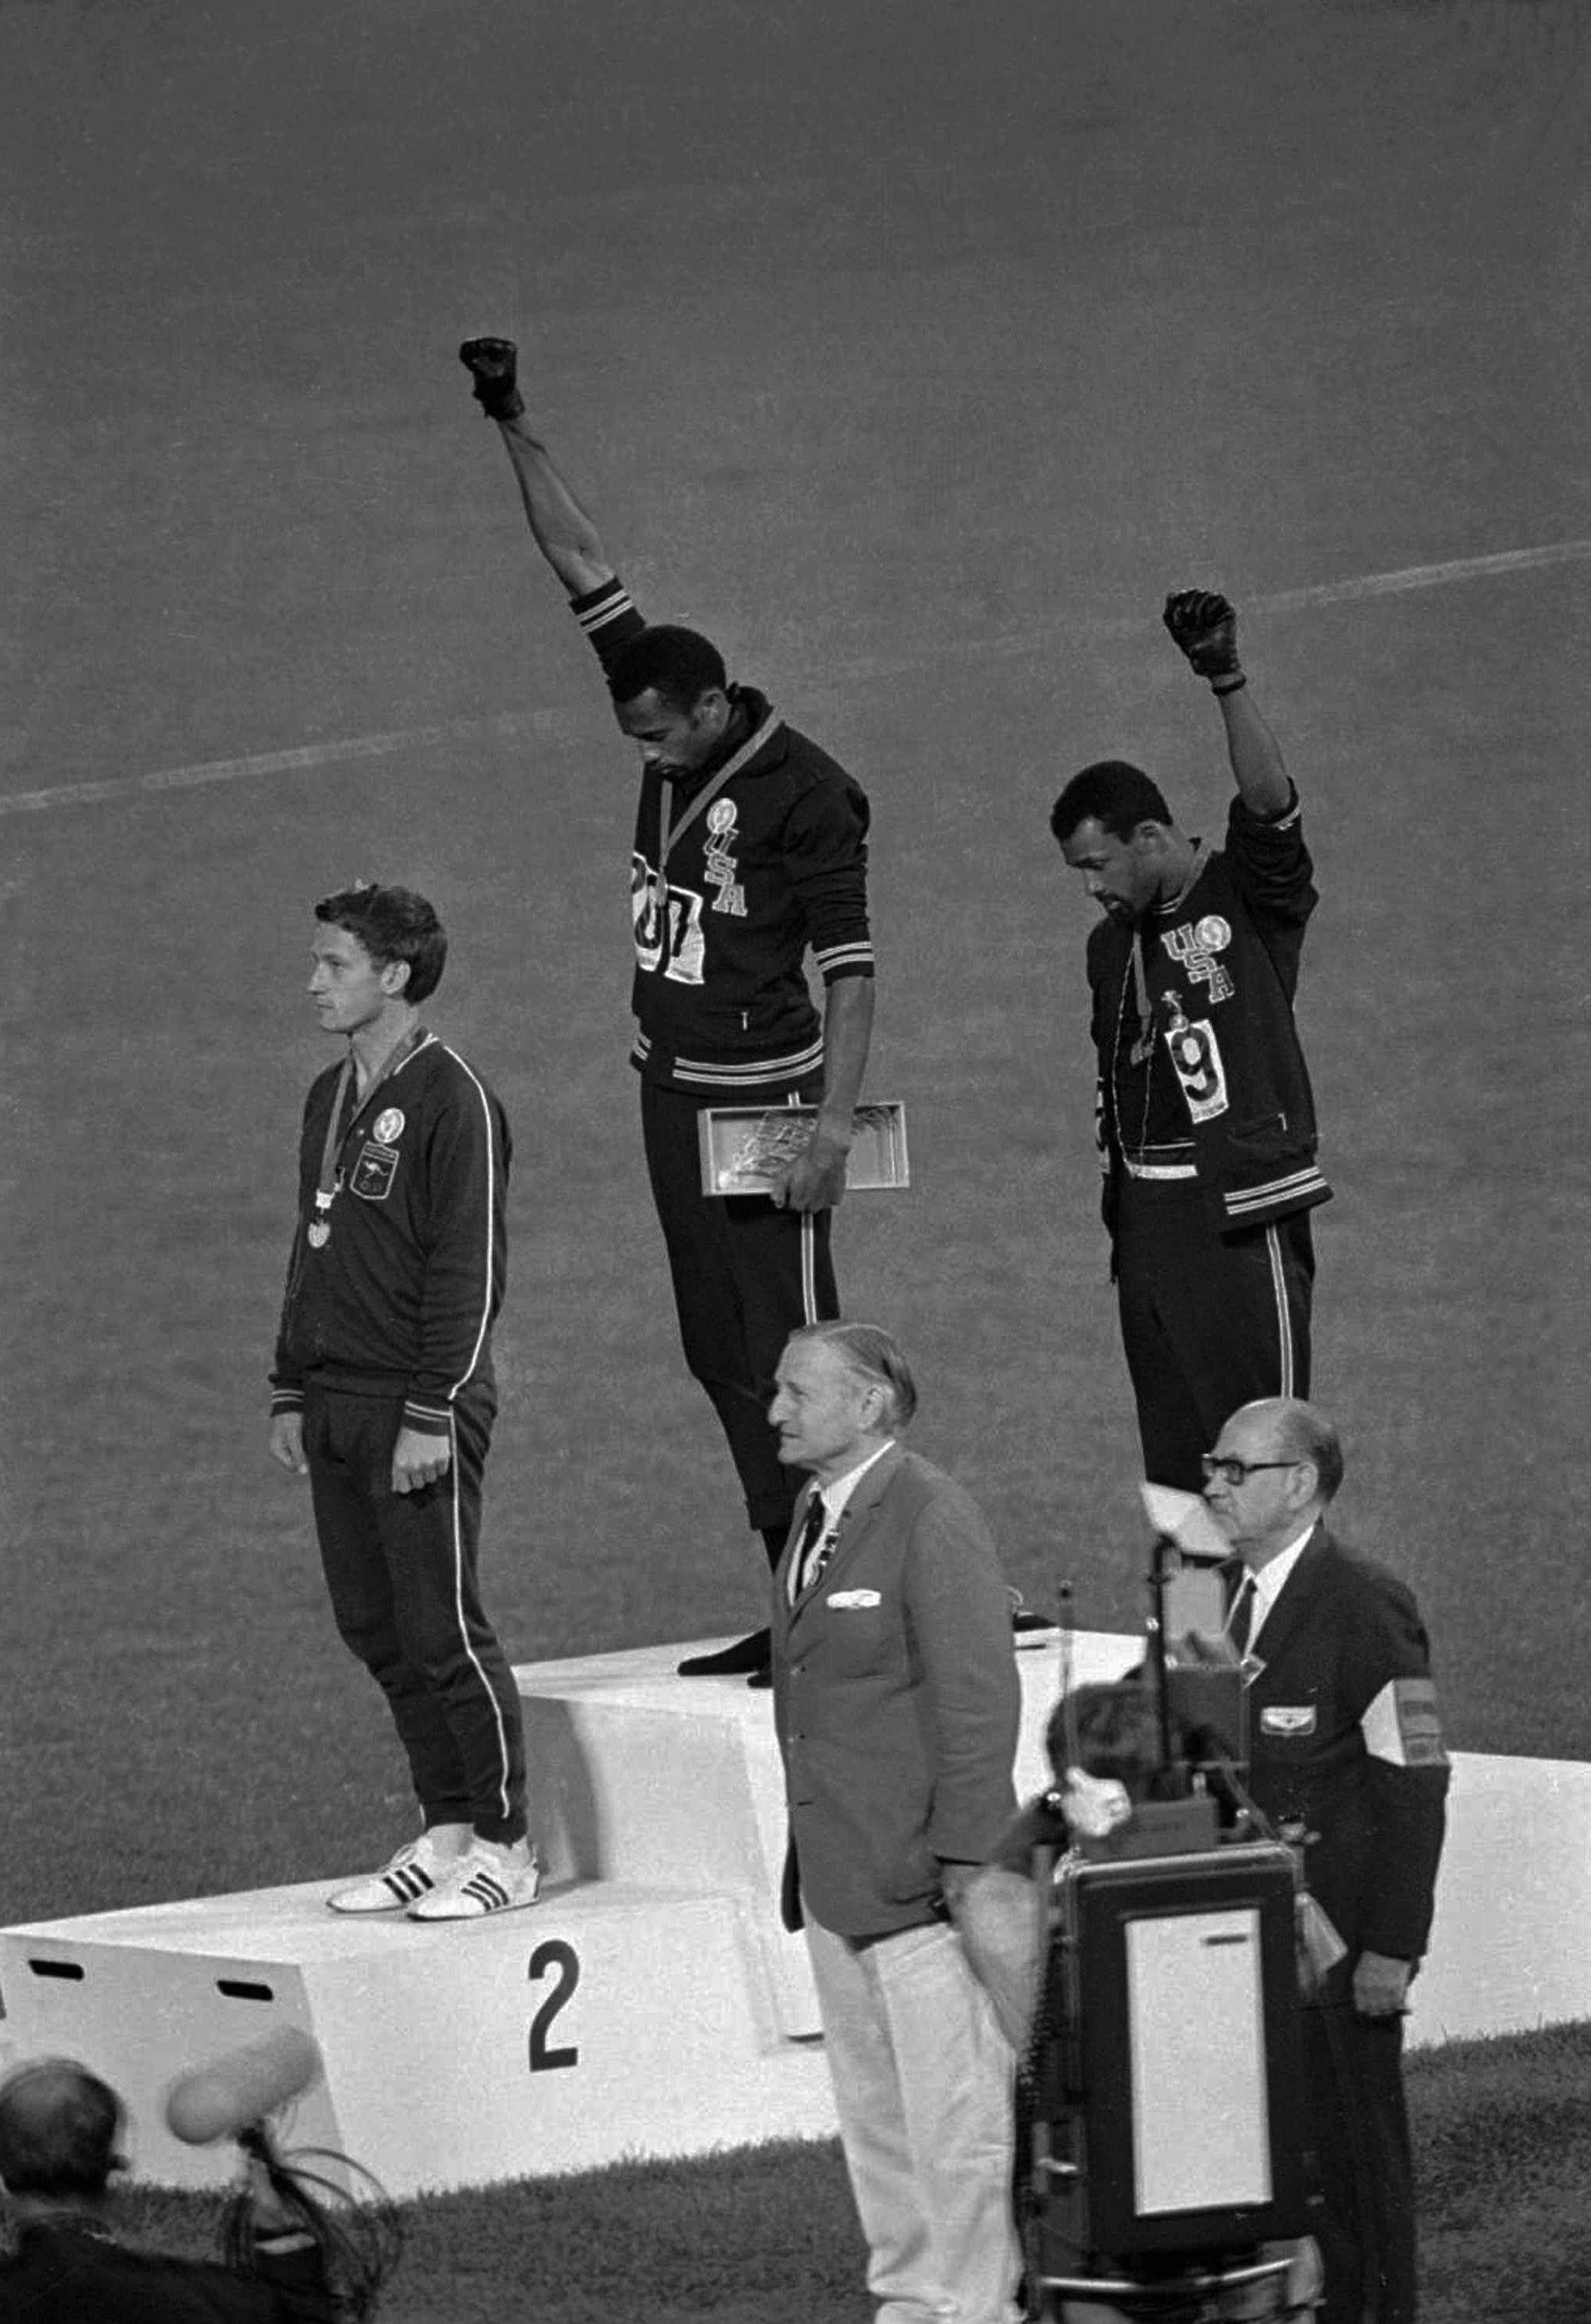 Saludo Black Power (1968). Ocurrió en los Juegos Olímpicos de 1968. Conocido d17d78ec7ed08